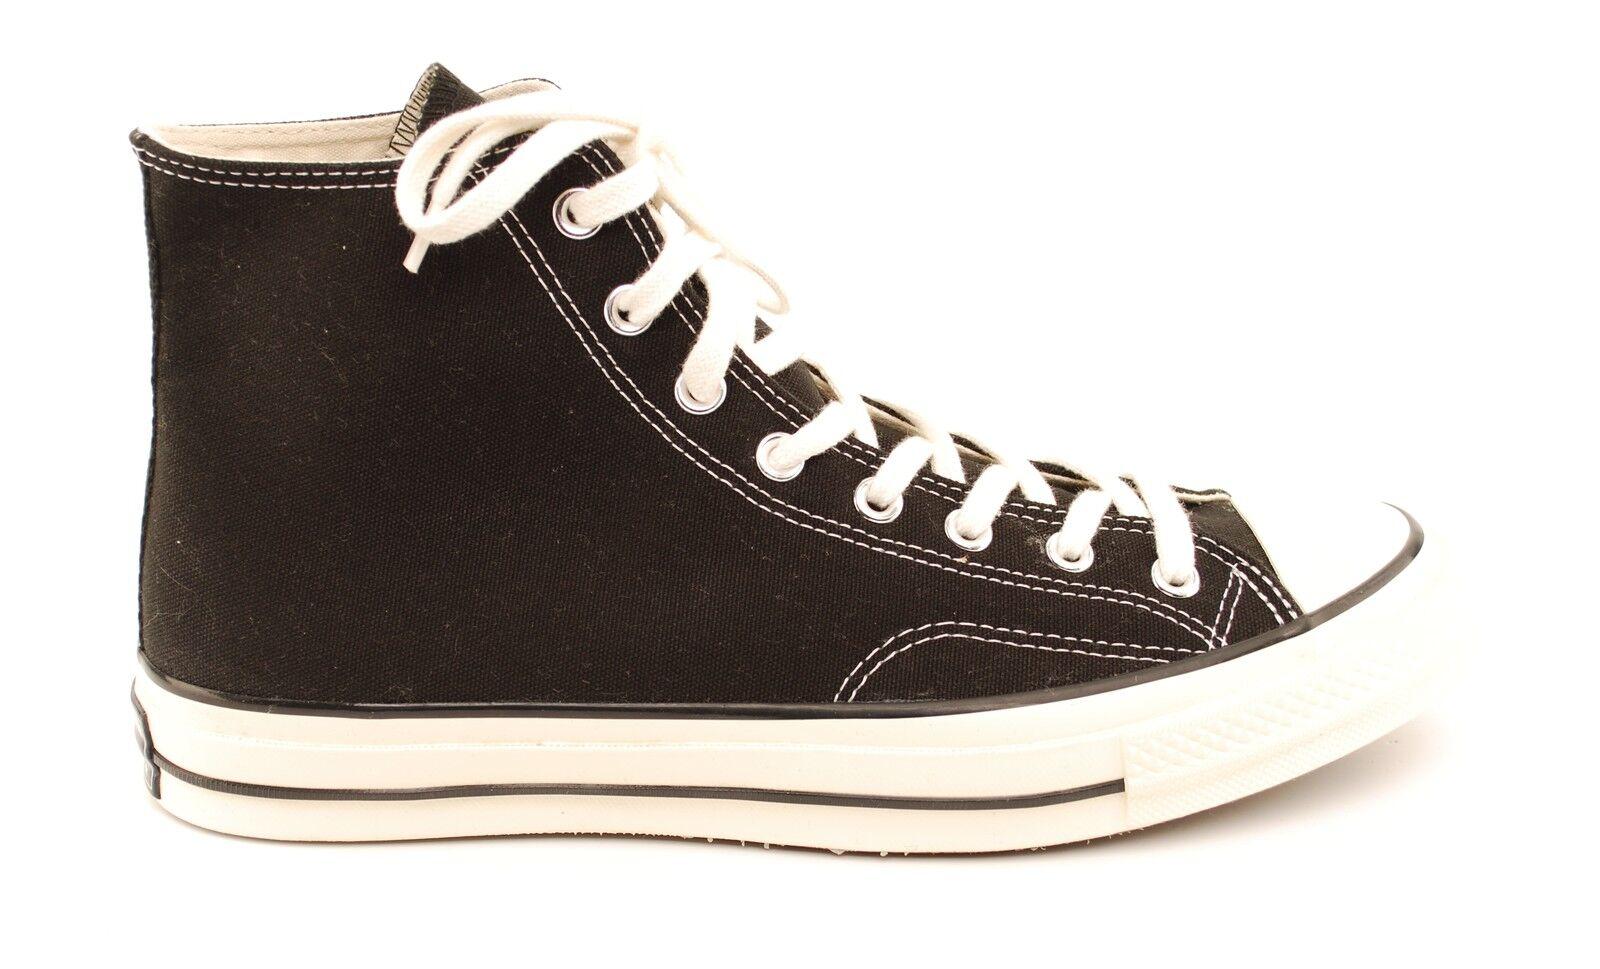 Converse  Men's shoes 46.5 Hi Trainers Black size 46.5 shoes EU BCF51 aeb22d